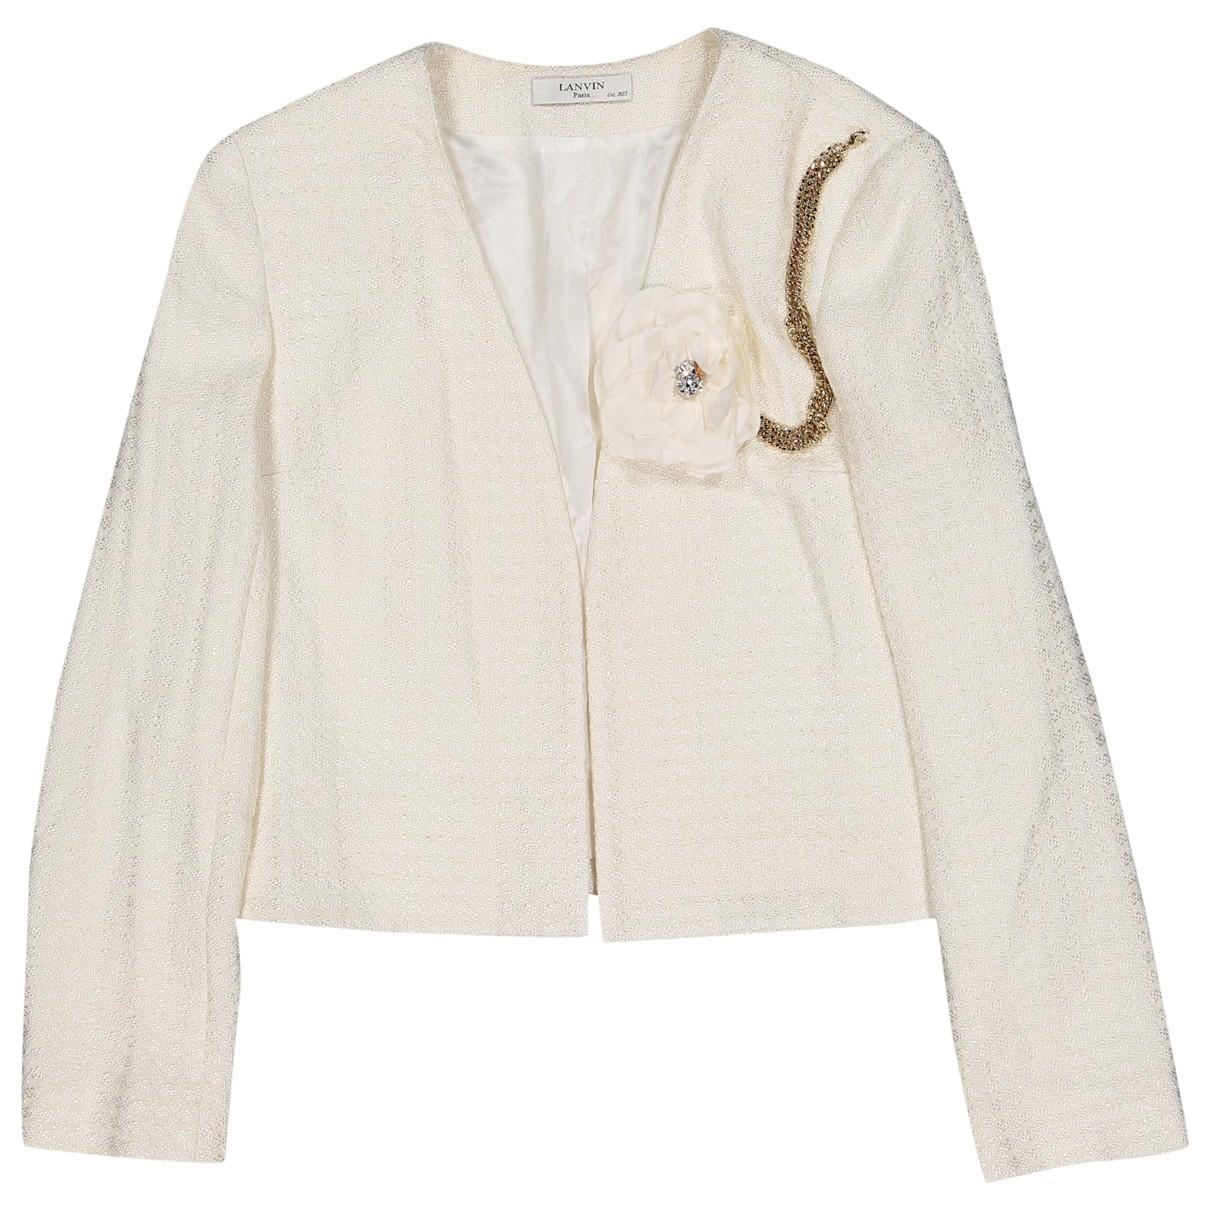 Lanvin \N Ecru jacket for Women 36 FR